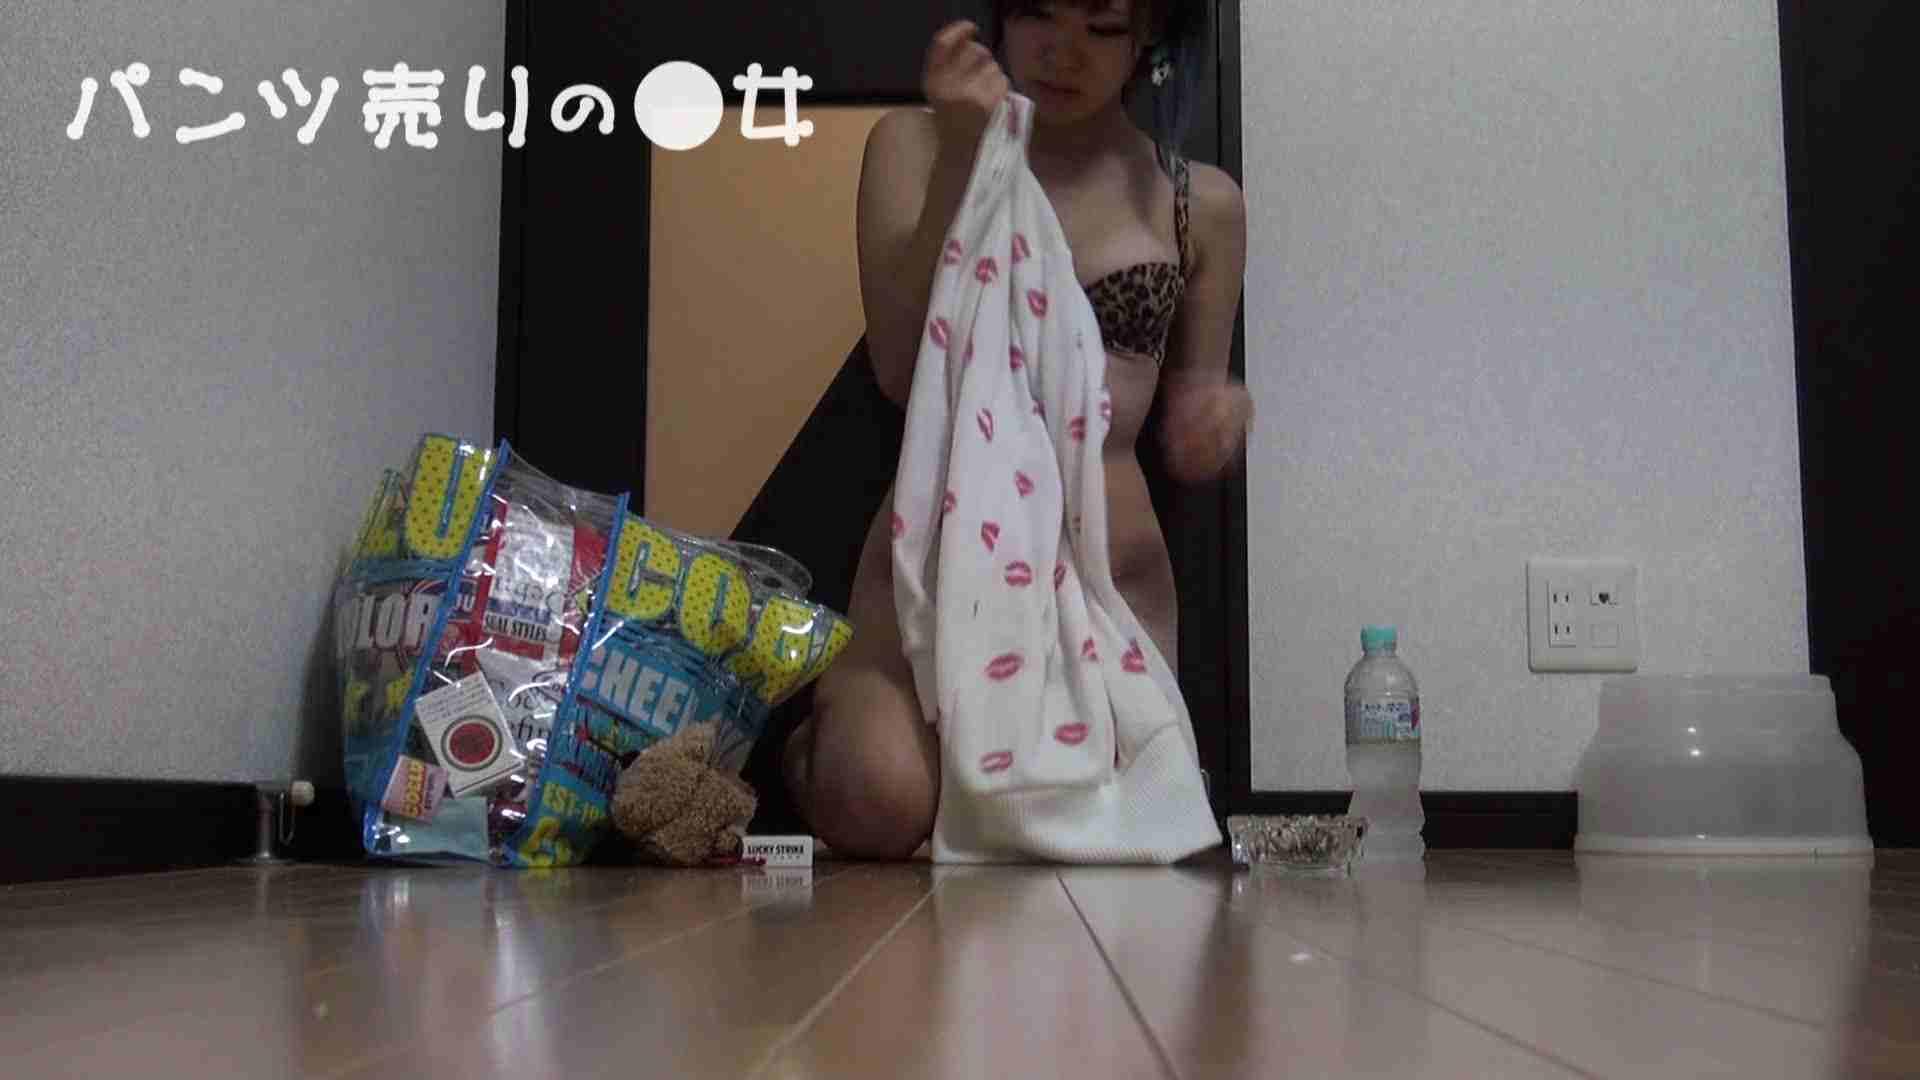 新説 パンツ売りの女の子nana02 一般投稿  74連発 8